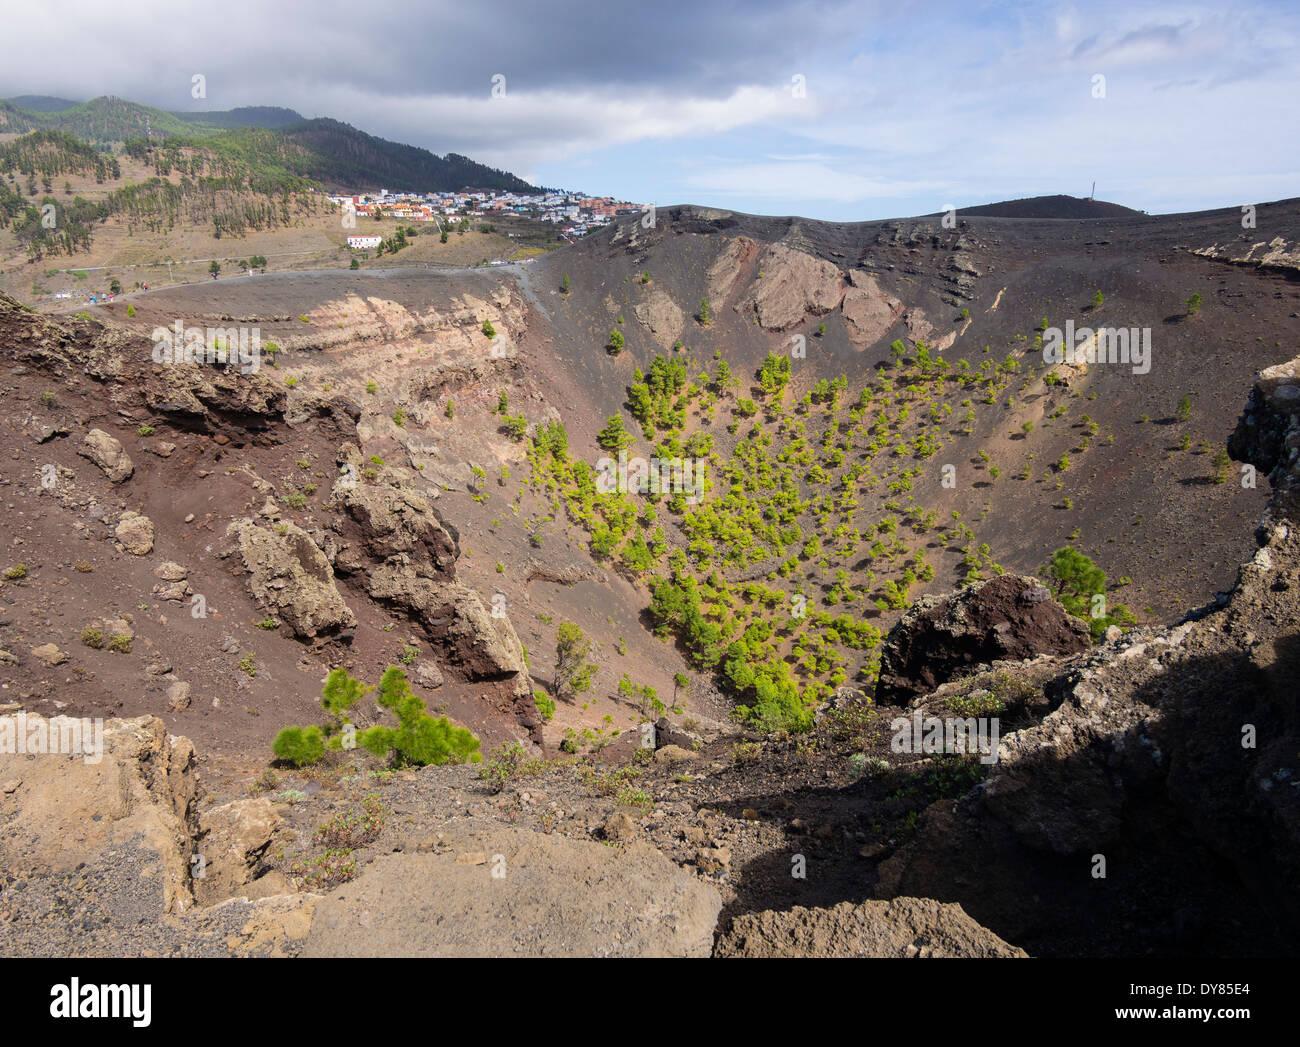 Kiefern wachsen in den Krater des Vulkans San Antonio in der Nähe der Stadt Los Canarios auf der Kanareninsel La Stockfoto